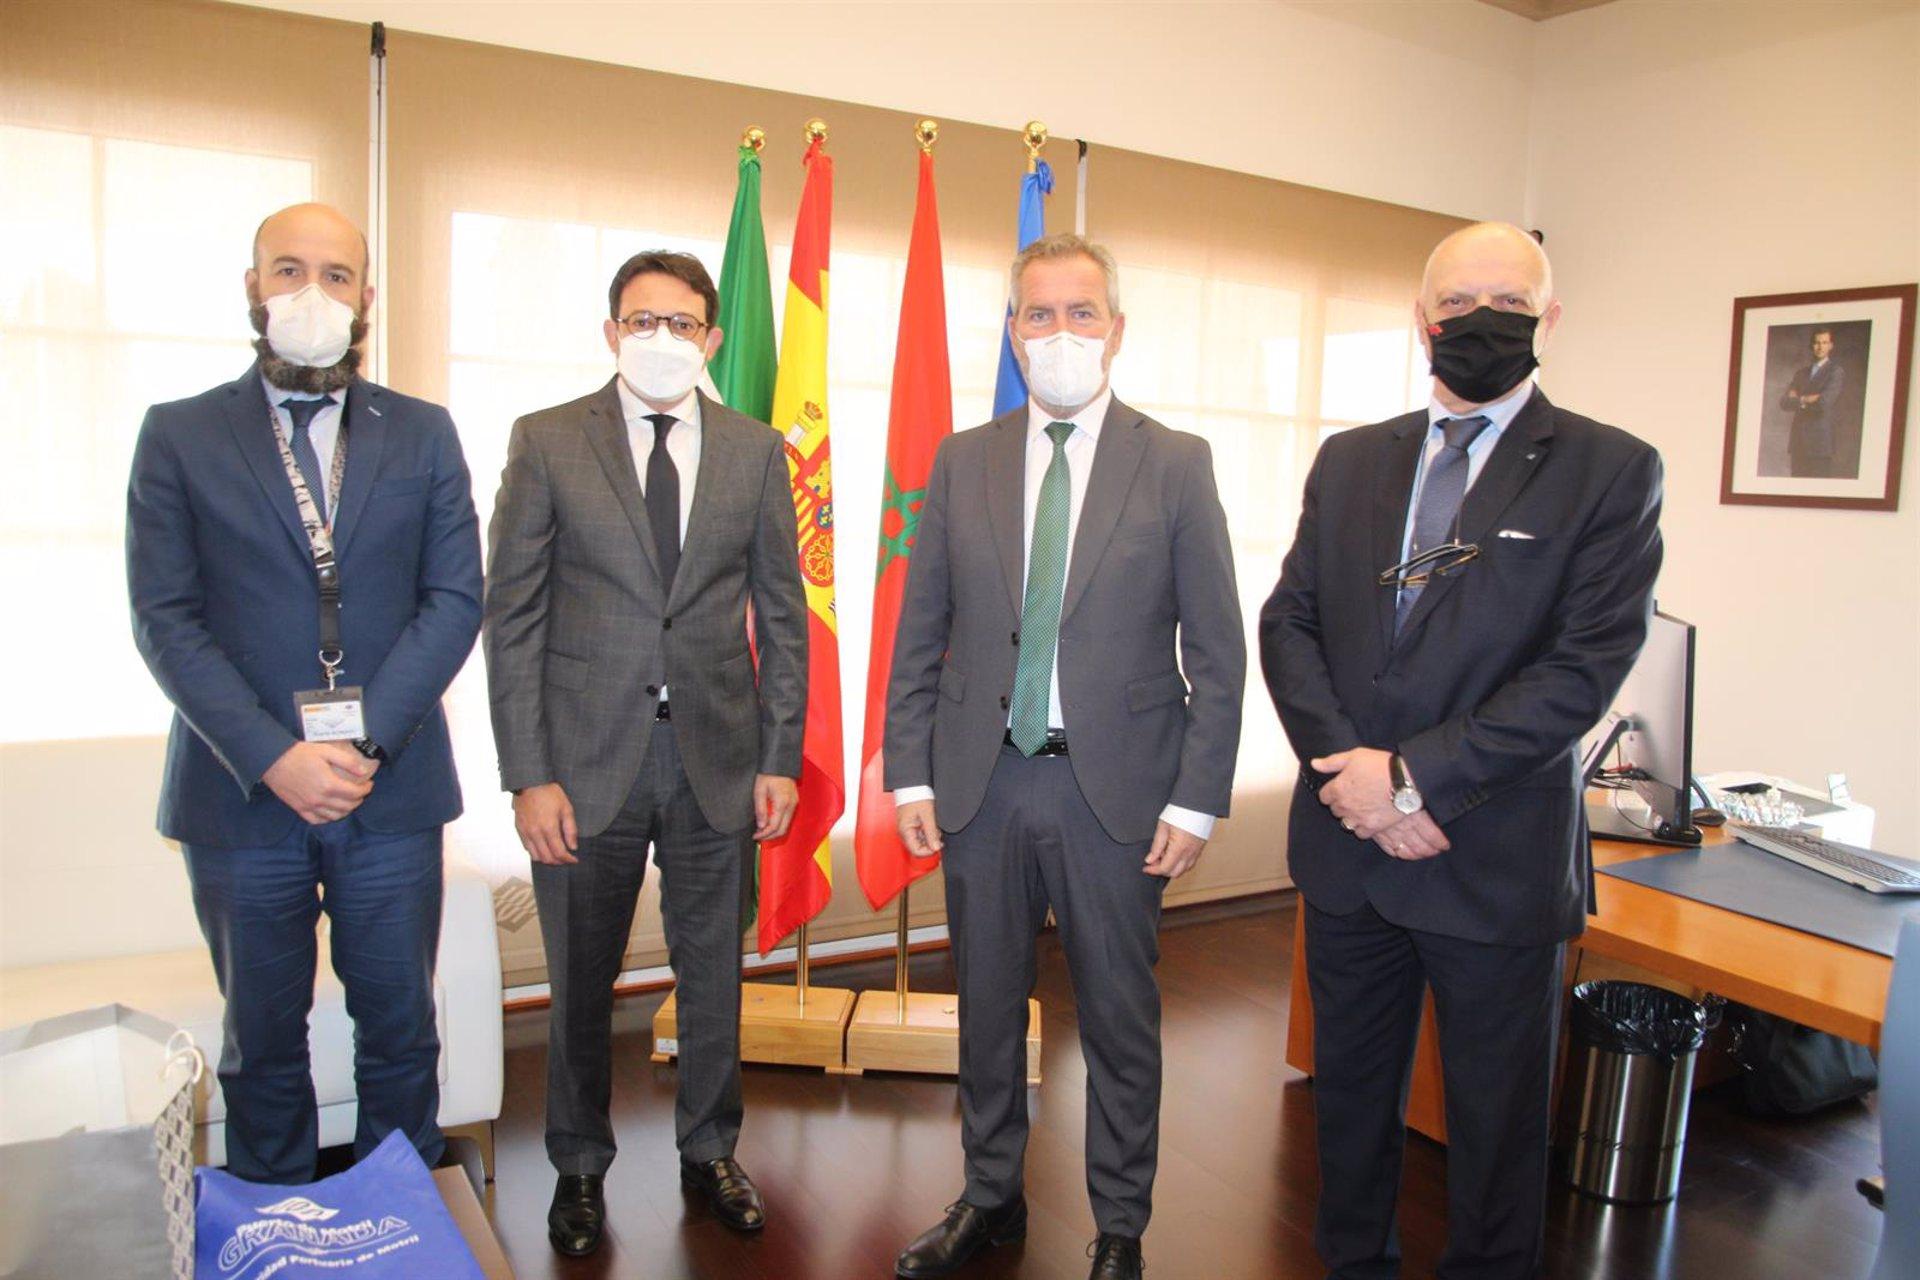 La naviera MCL establecerá una nueva conexión diaria entre Motril y Marruecos